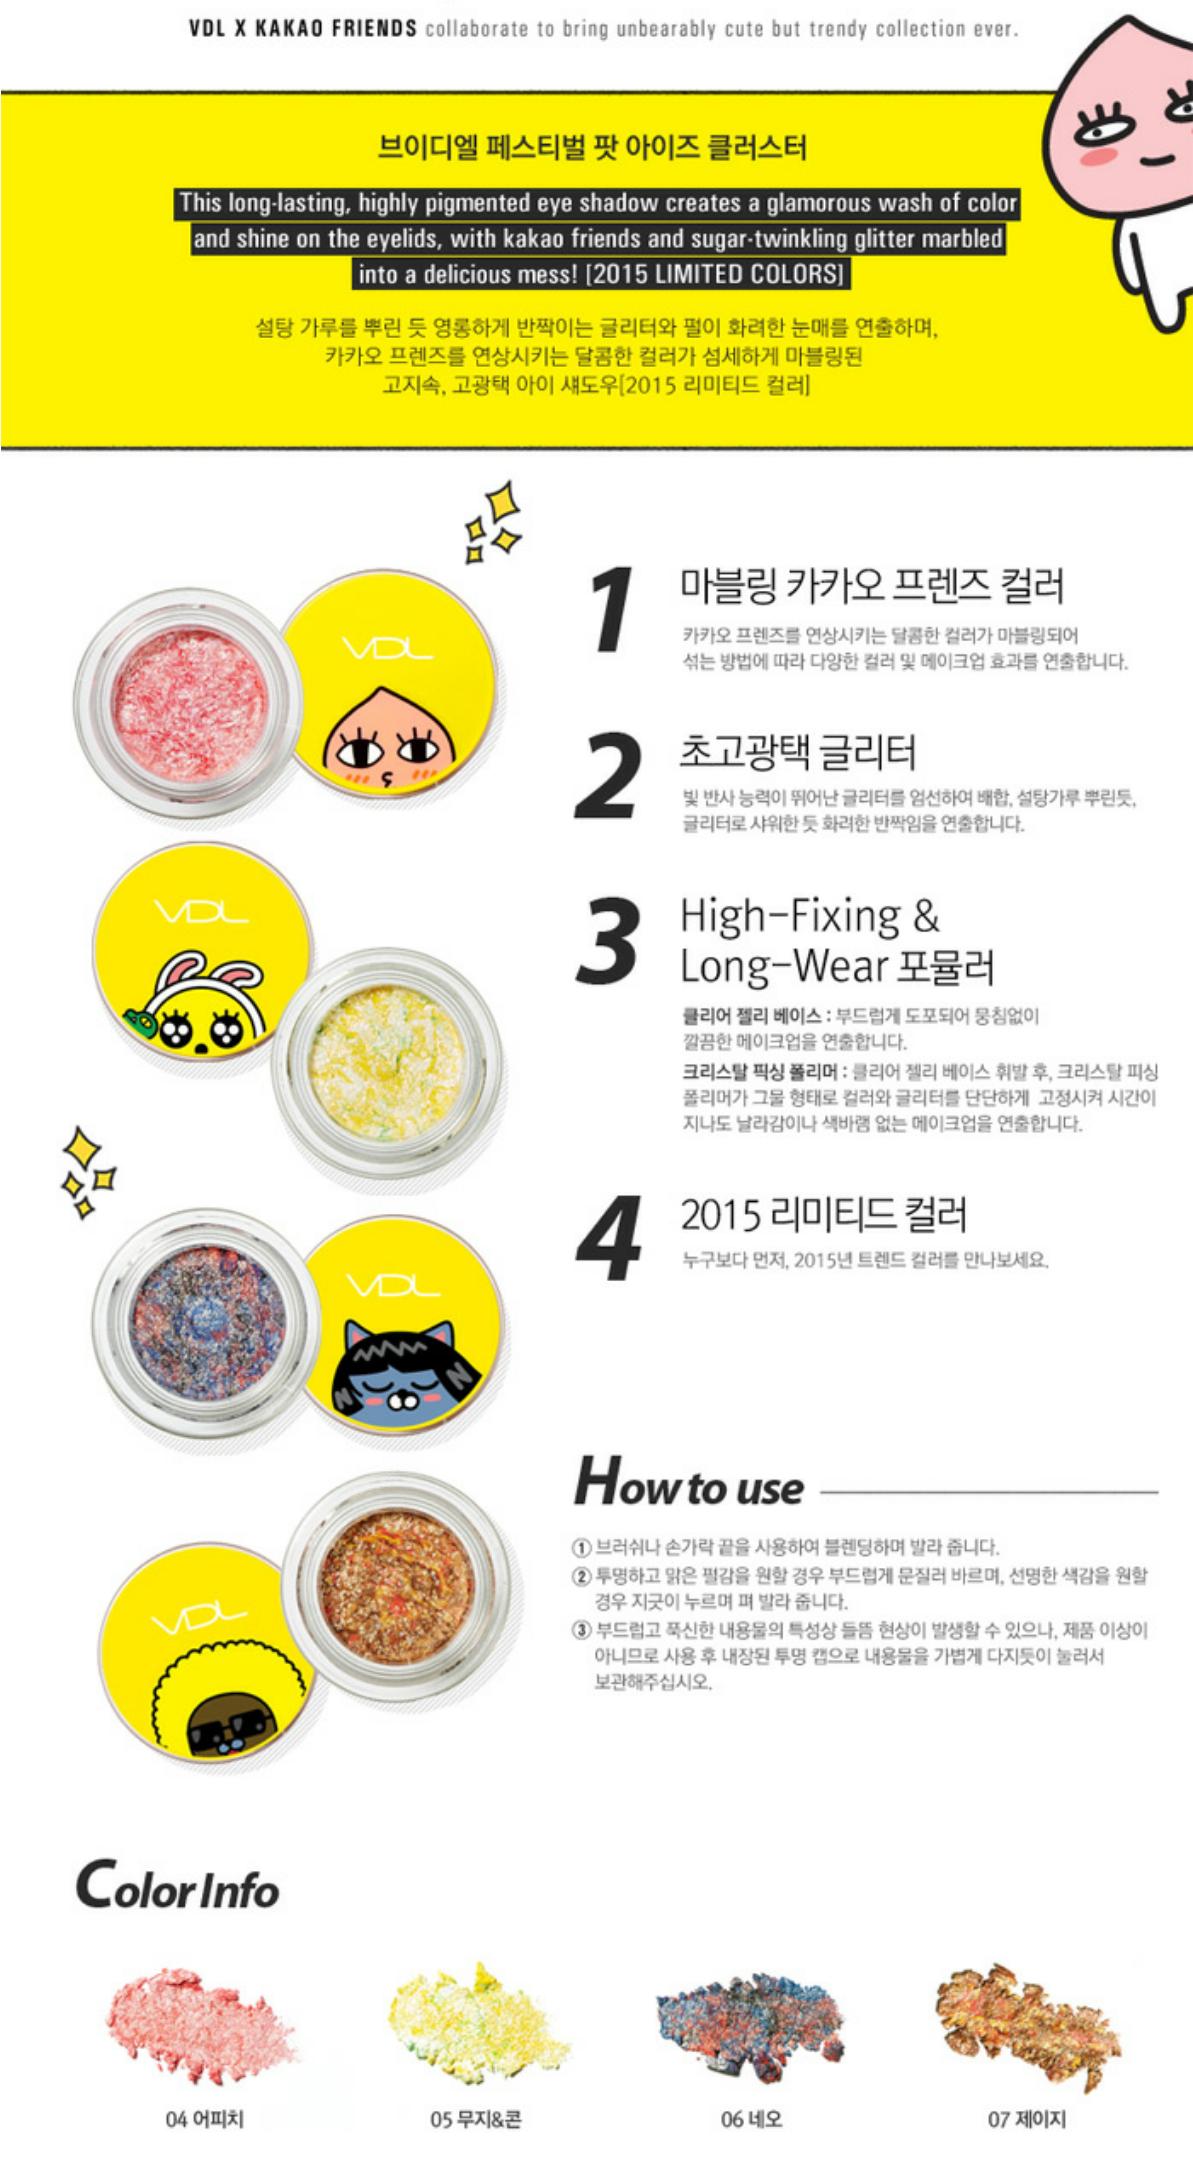 VDLKAKAO 聯名彩妝保養。韓國人愛用的通訊軟體KAKAO♡MUZI一…